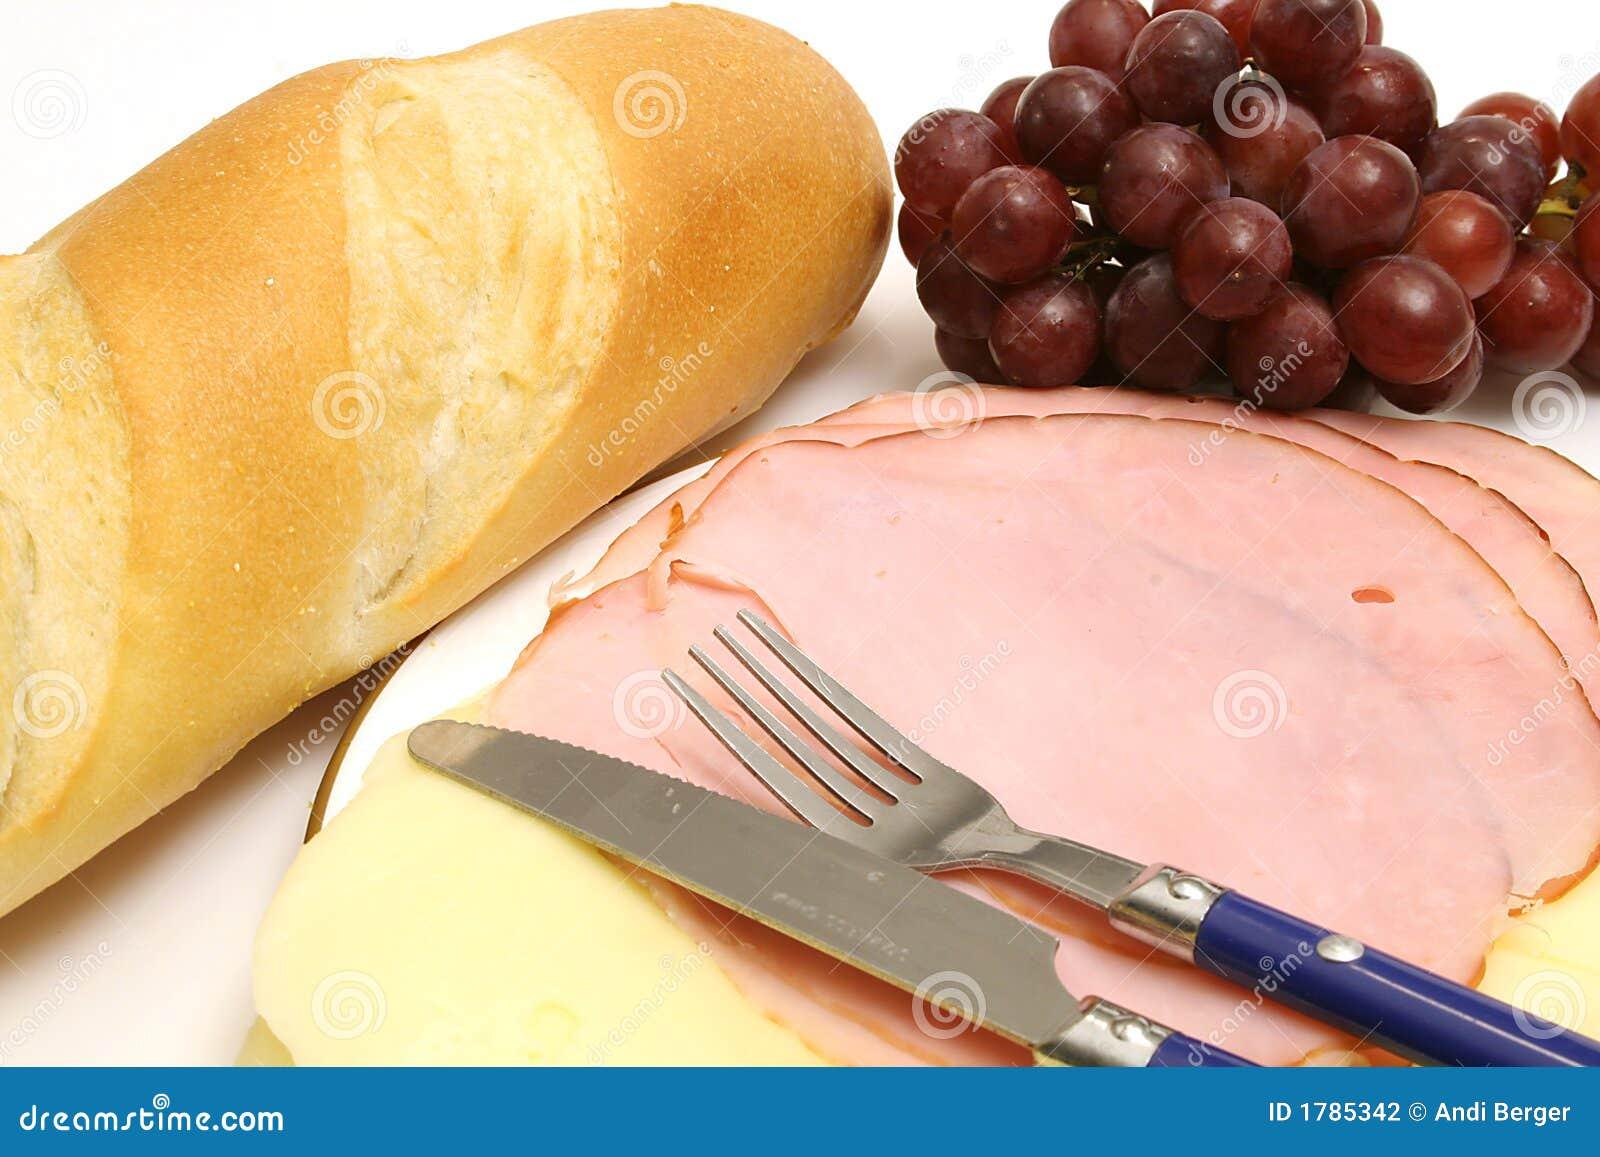 Presunto & queijo w/bread & uvas